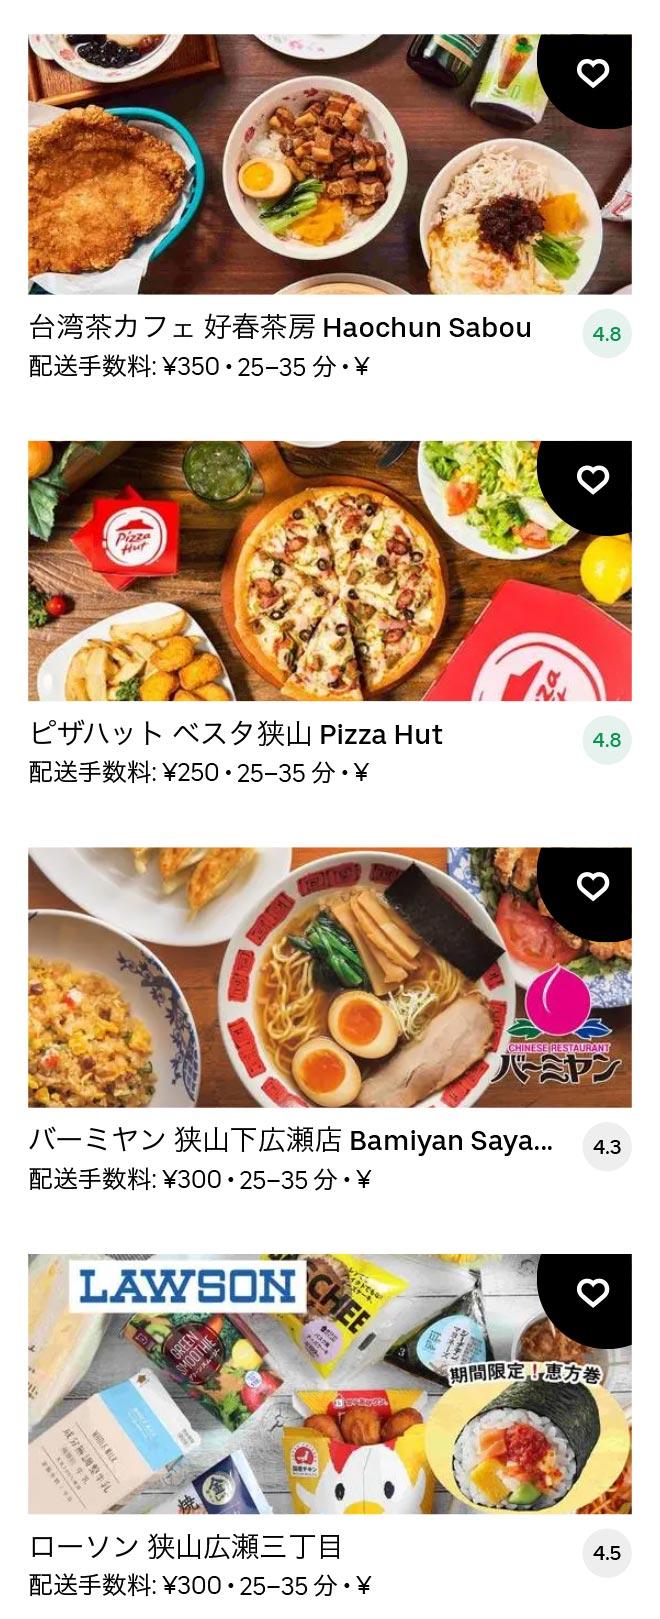 Sayama menu 2102 06